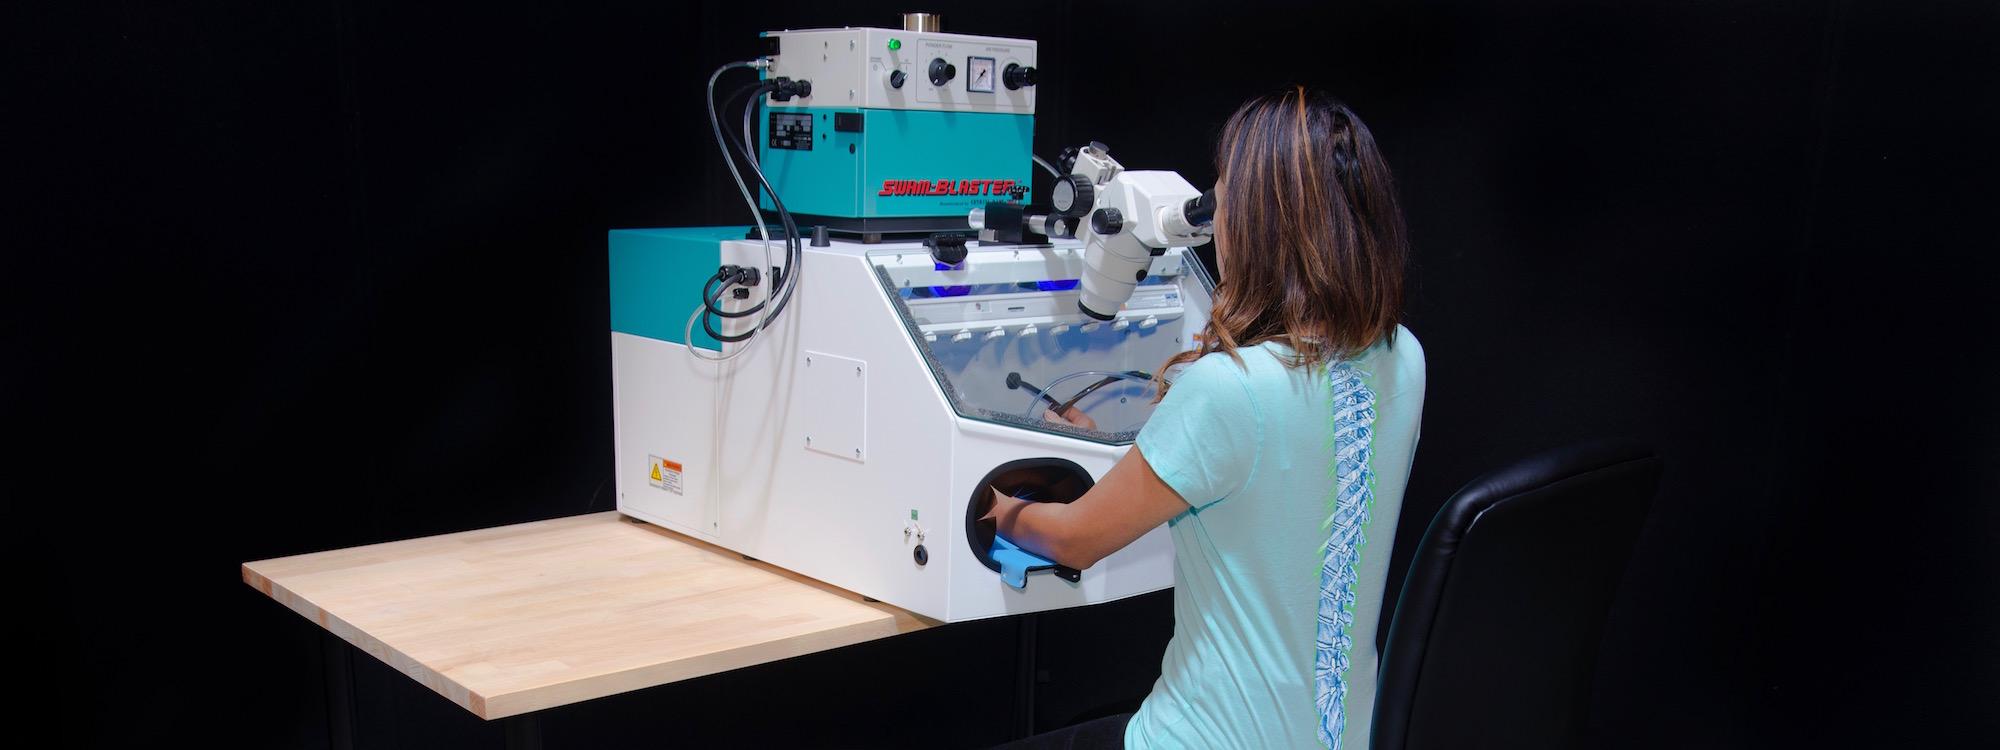 CCR-MAX-MV2L with Attached Microscope | Ergonomic Design, Control ESD